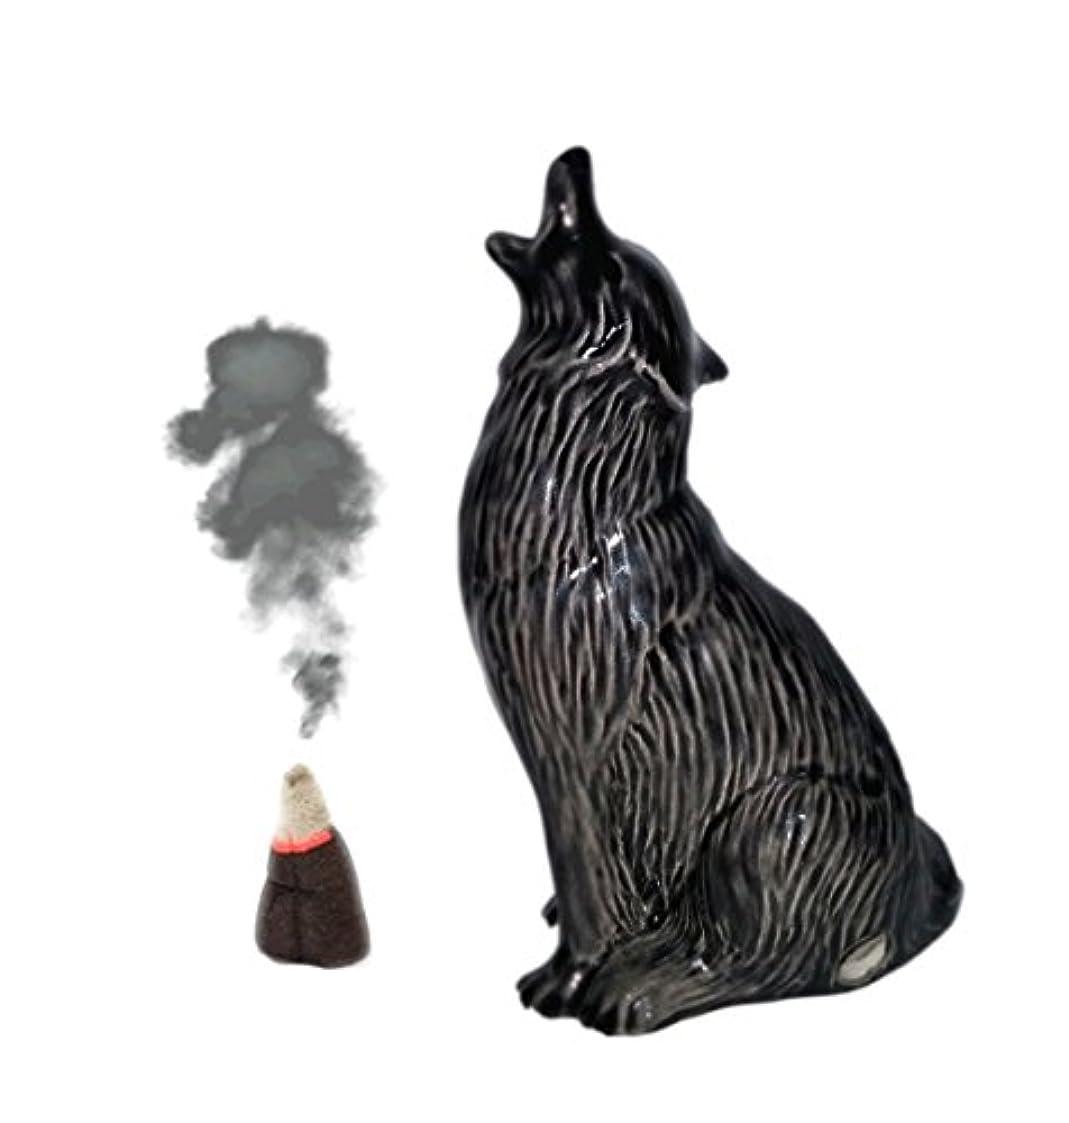 土曜日取る粉砕するHowling Wolf Cone Incense Burner S ブラック